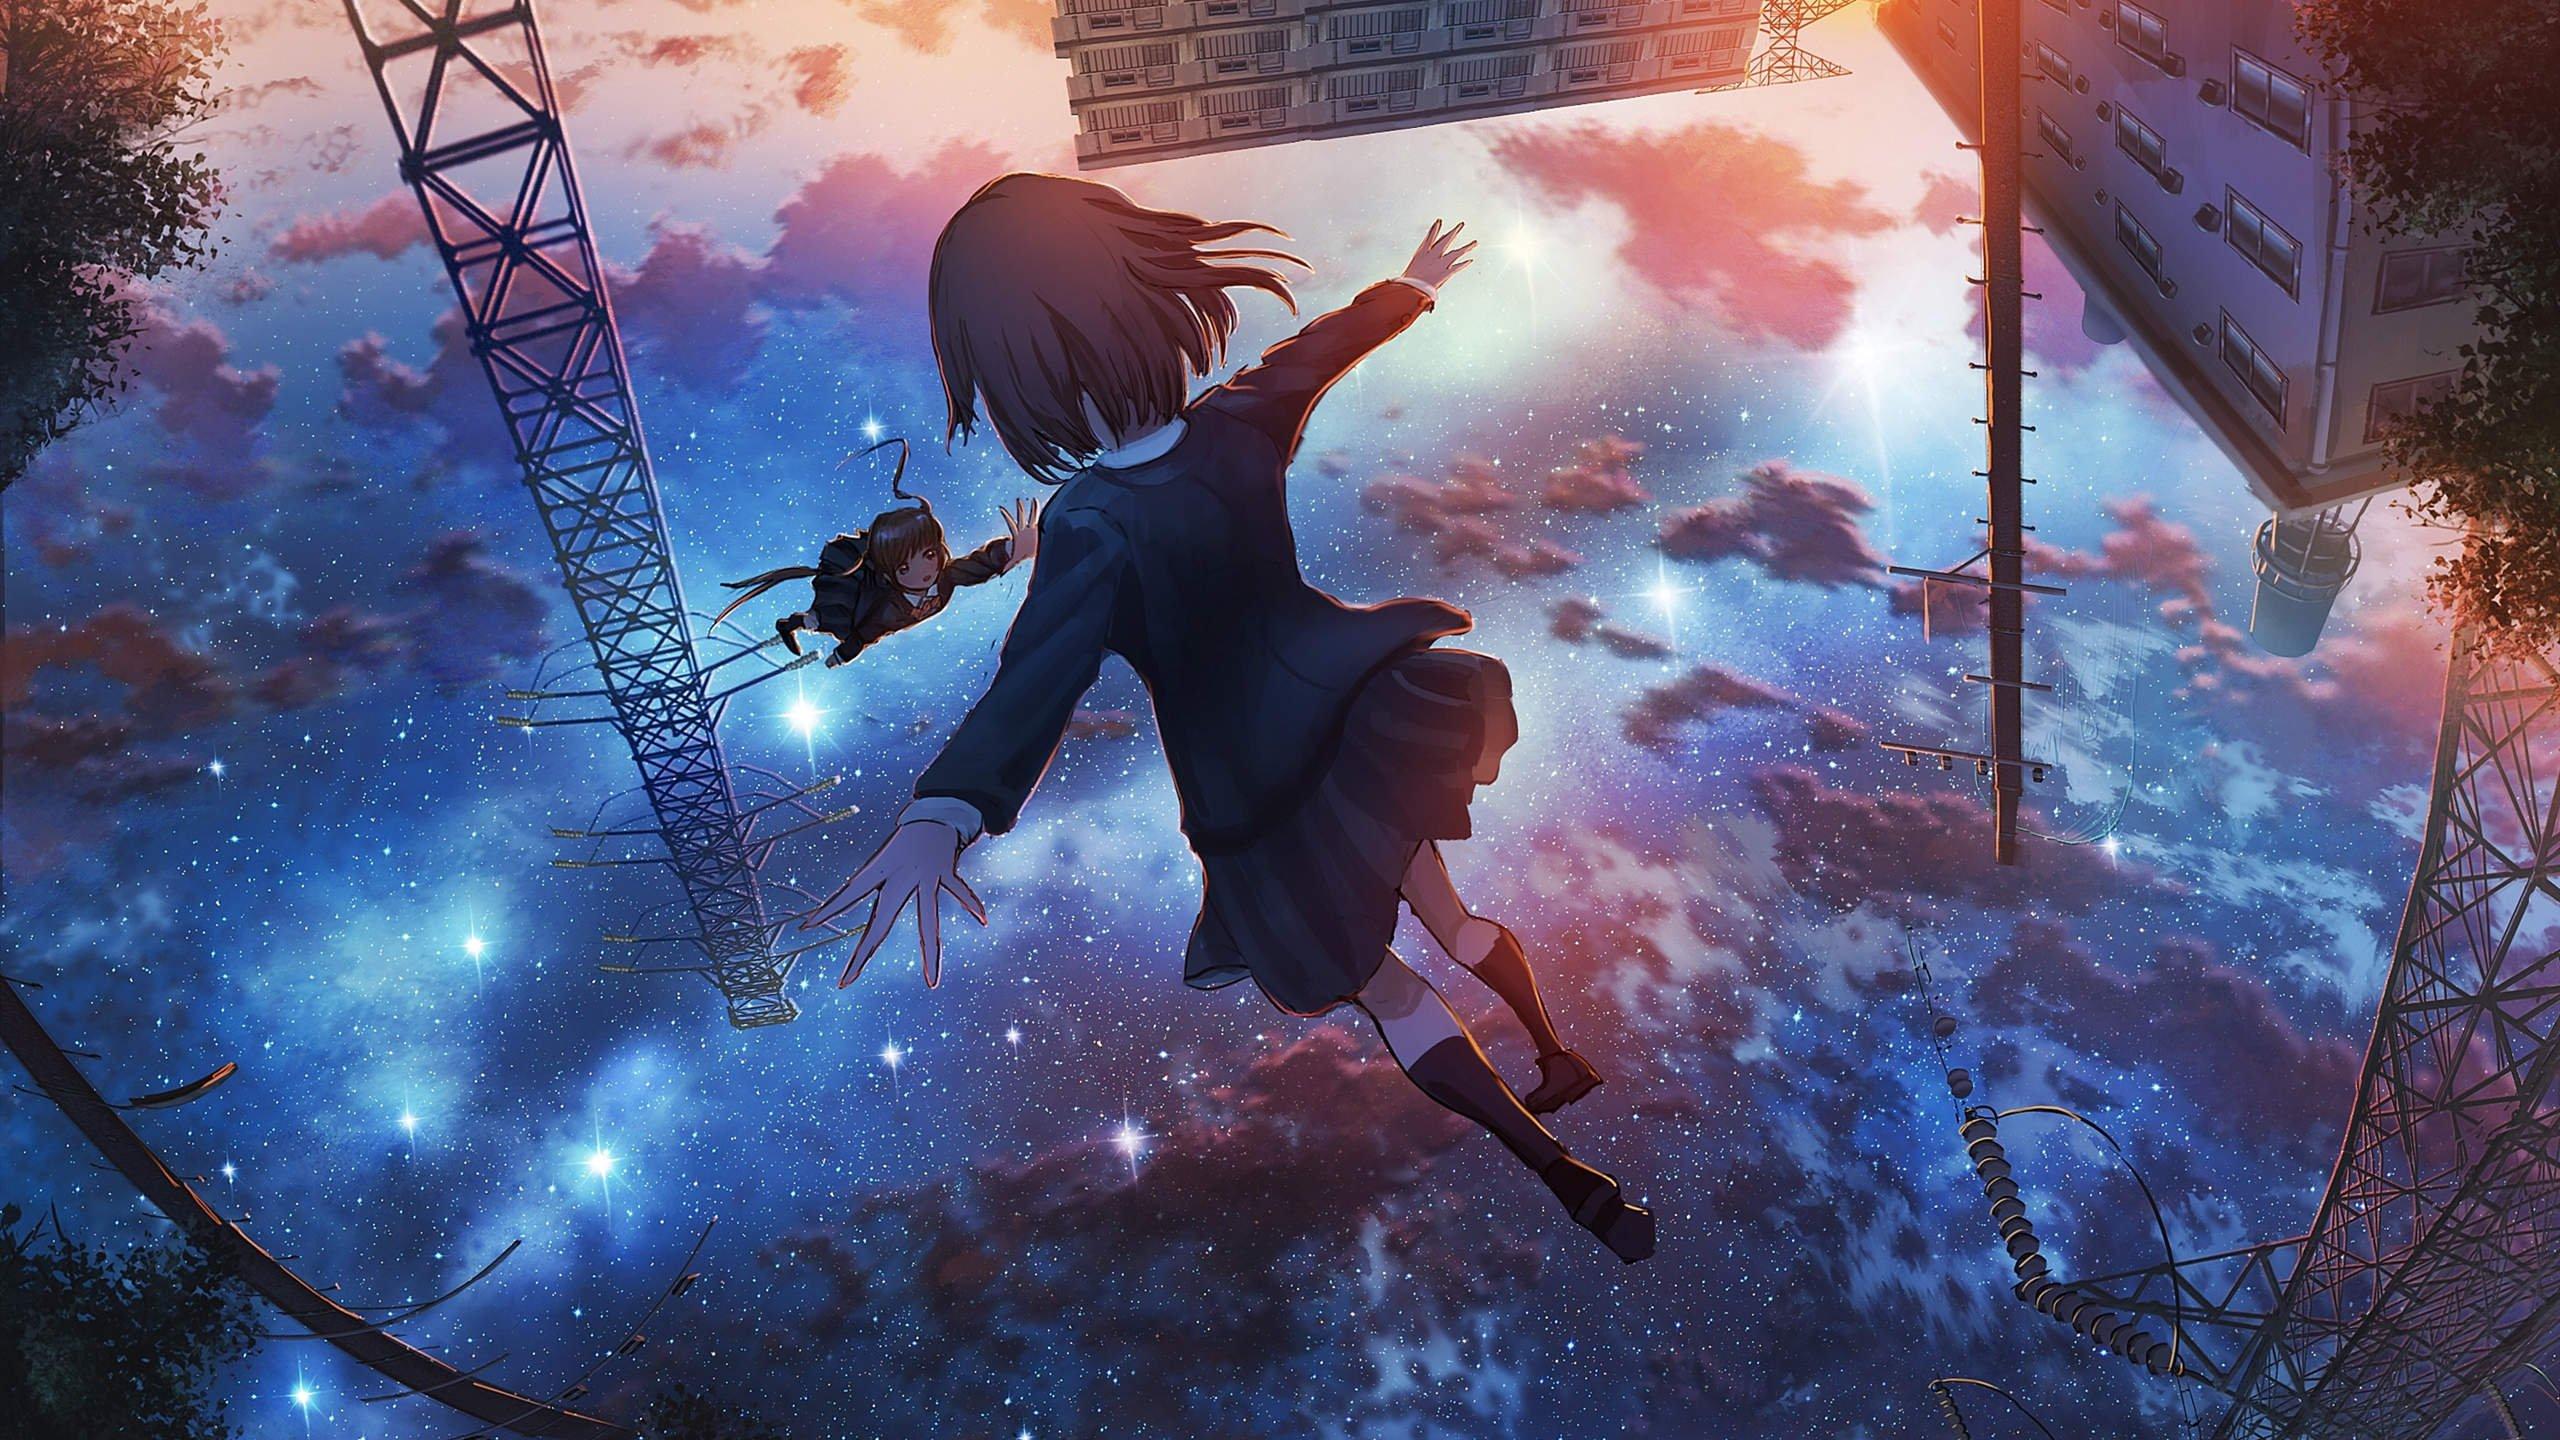 太空 少女 重力 颠倒 星空 唯美动漫壁纸,高清电脑动漫壁纸